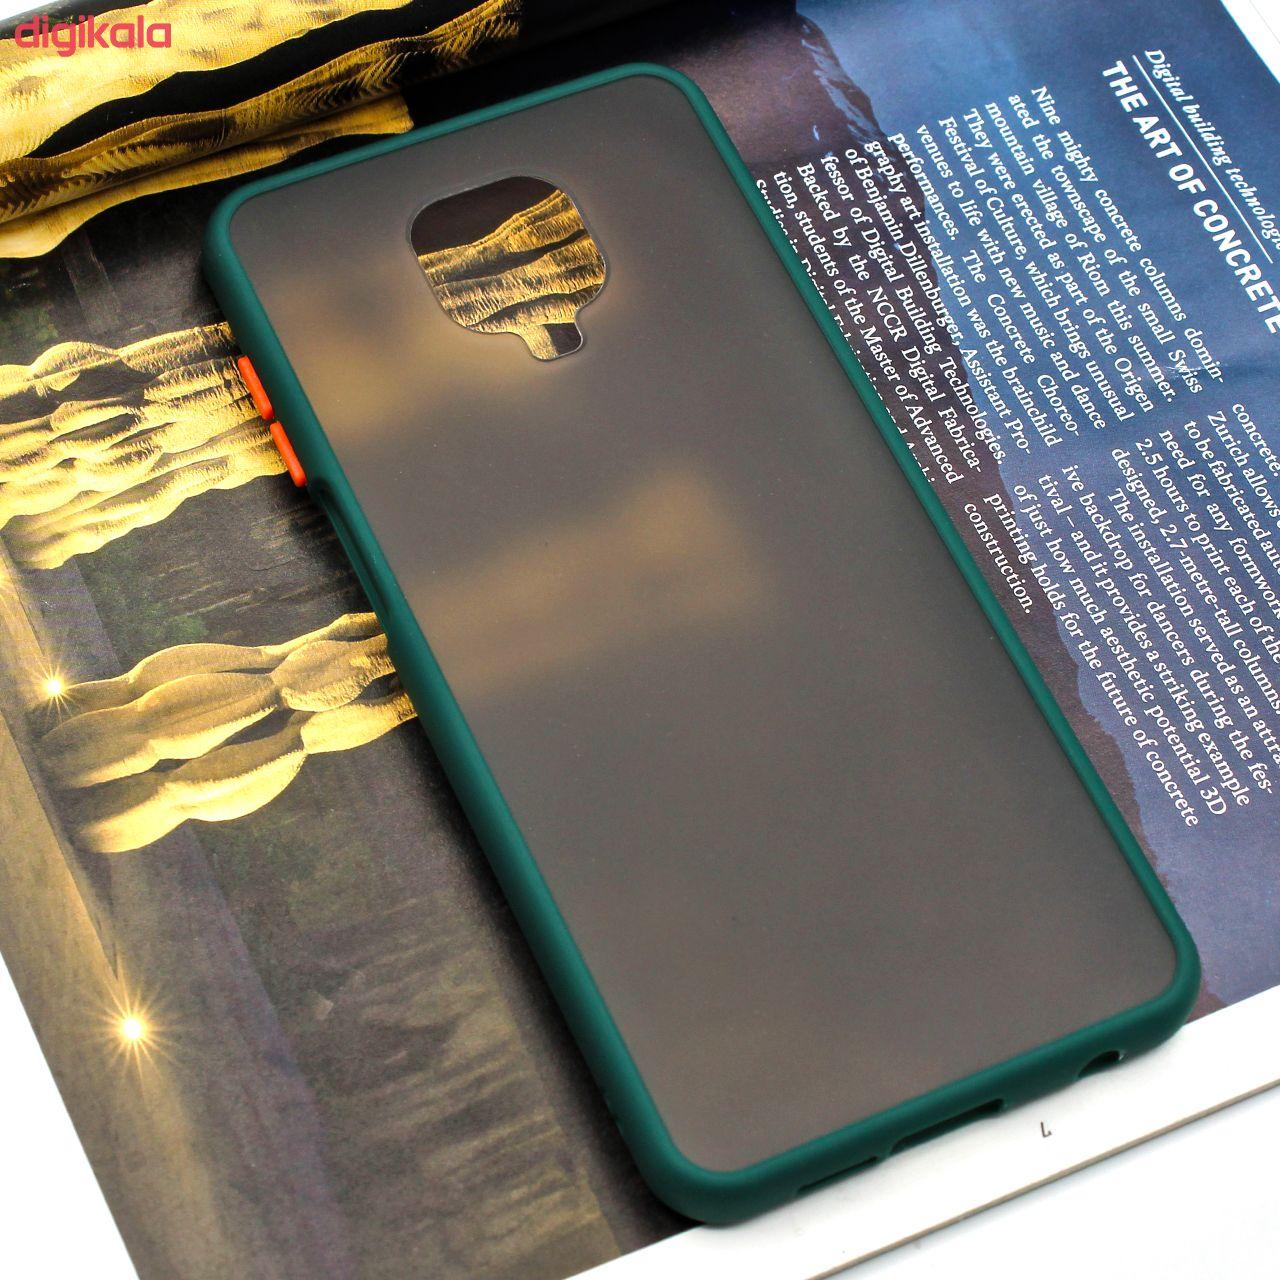 کاور لاین کینگ مدل M21 مناسب برای گوشی موبایل شیائومی Redmi Note 9S / Note 9 Pro / Note 9 Pro Max main 1 3